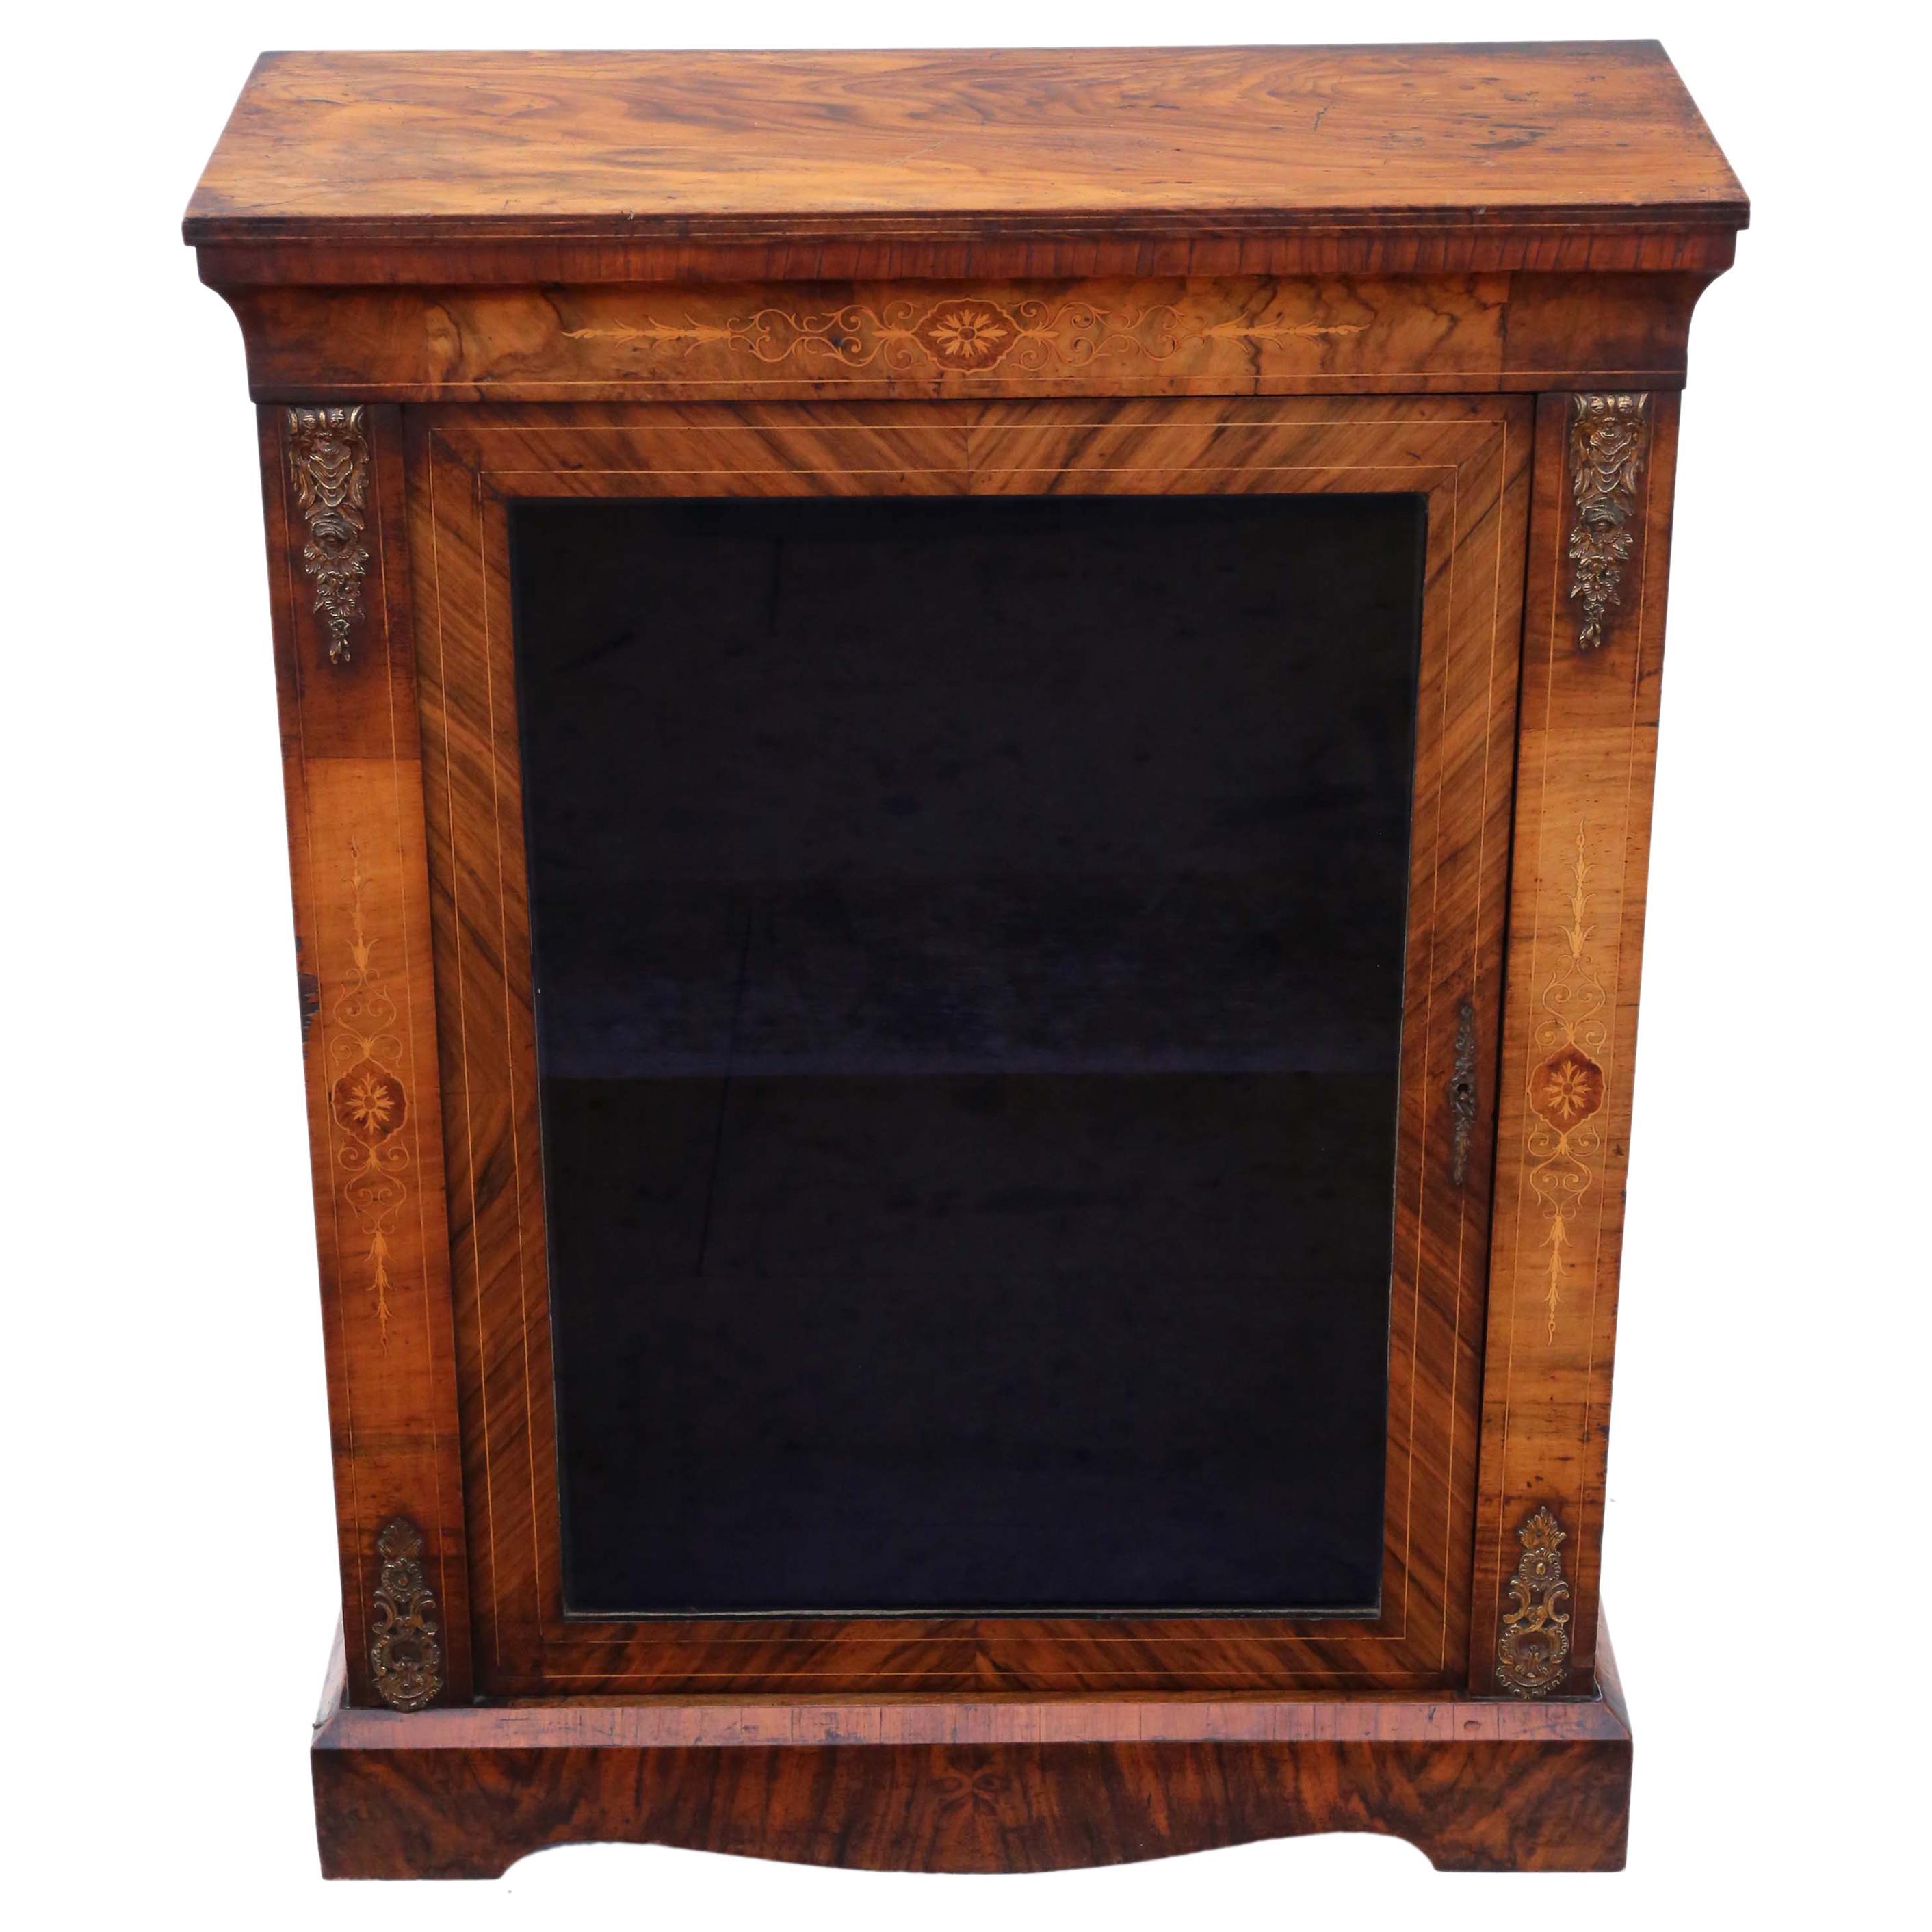 Inlaid Burr Walnut Pier Display Cabinet Victorian, 19th Century